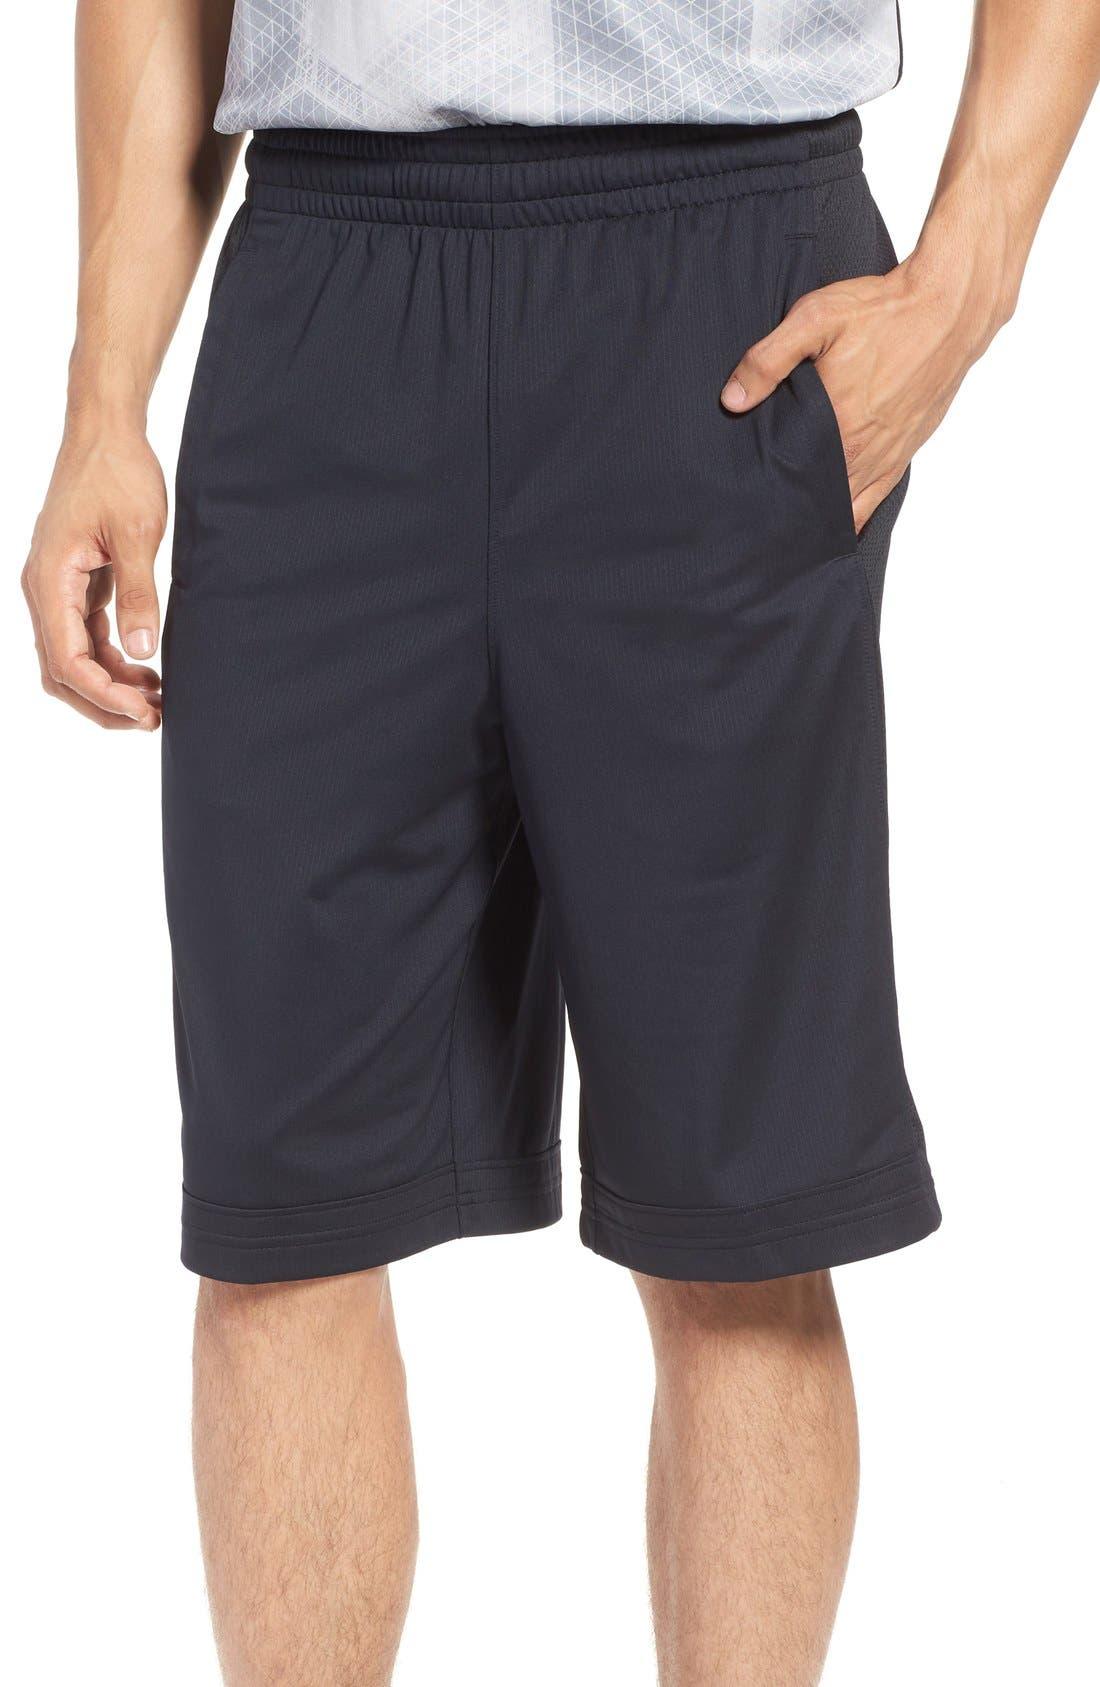 Main Image - Under Armour 'Isolation' Athletic Shorts